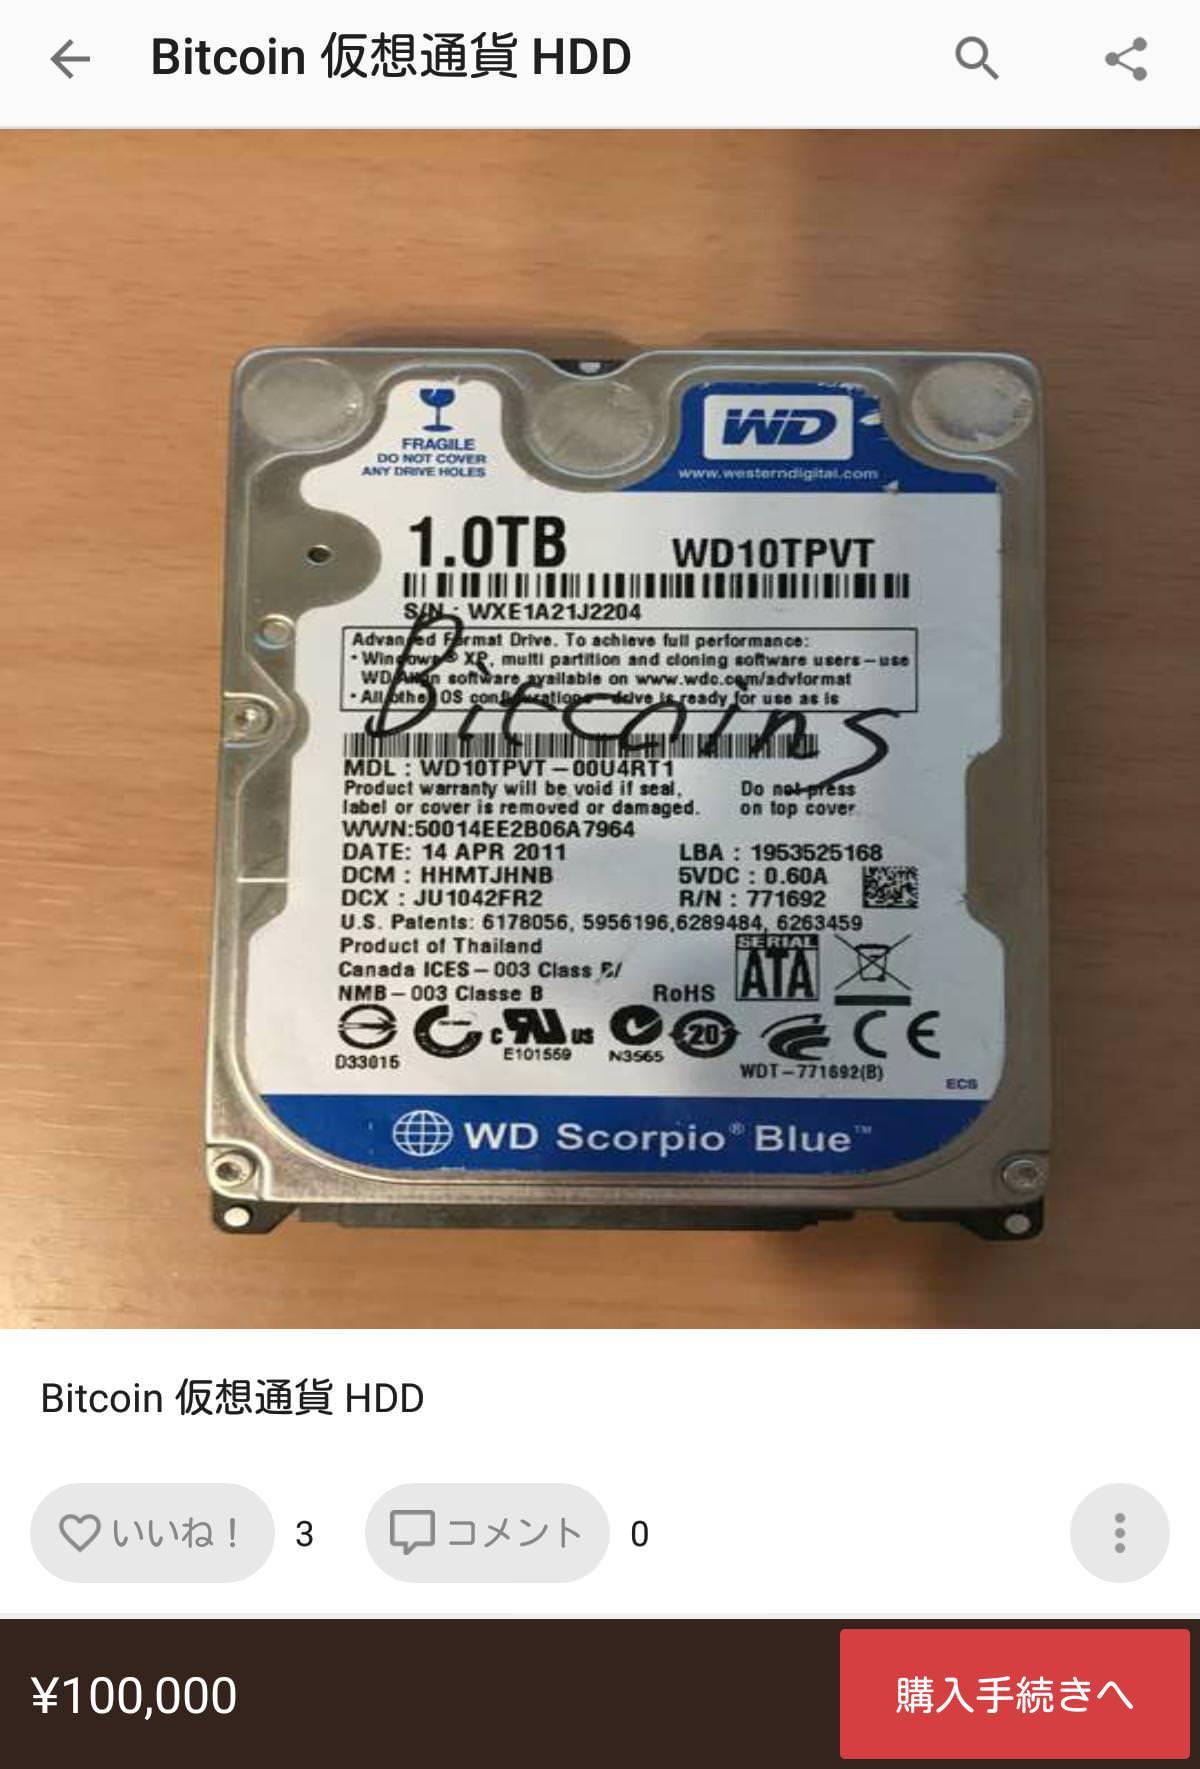 【画像】ワロタwwwwwwメルカリに謎のビットコインHDDが出品されてるんだがwwwwwwww